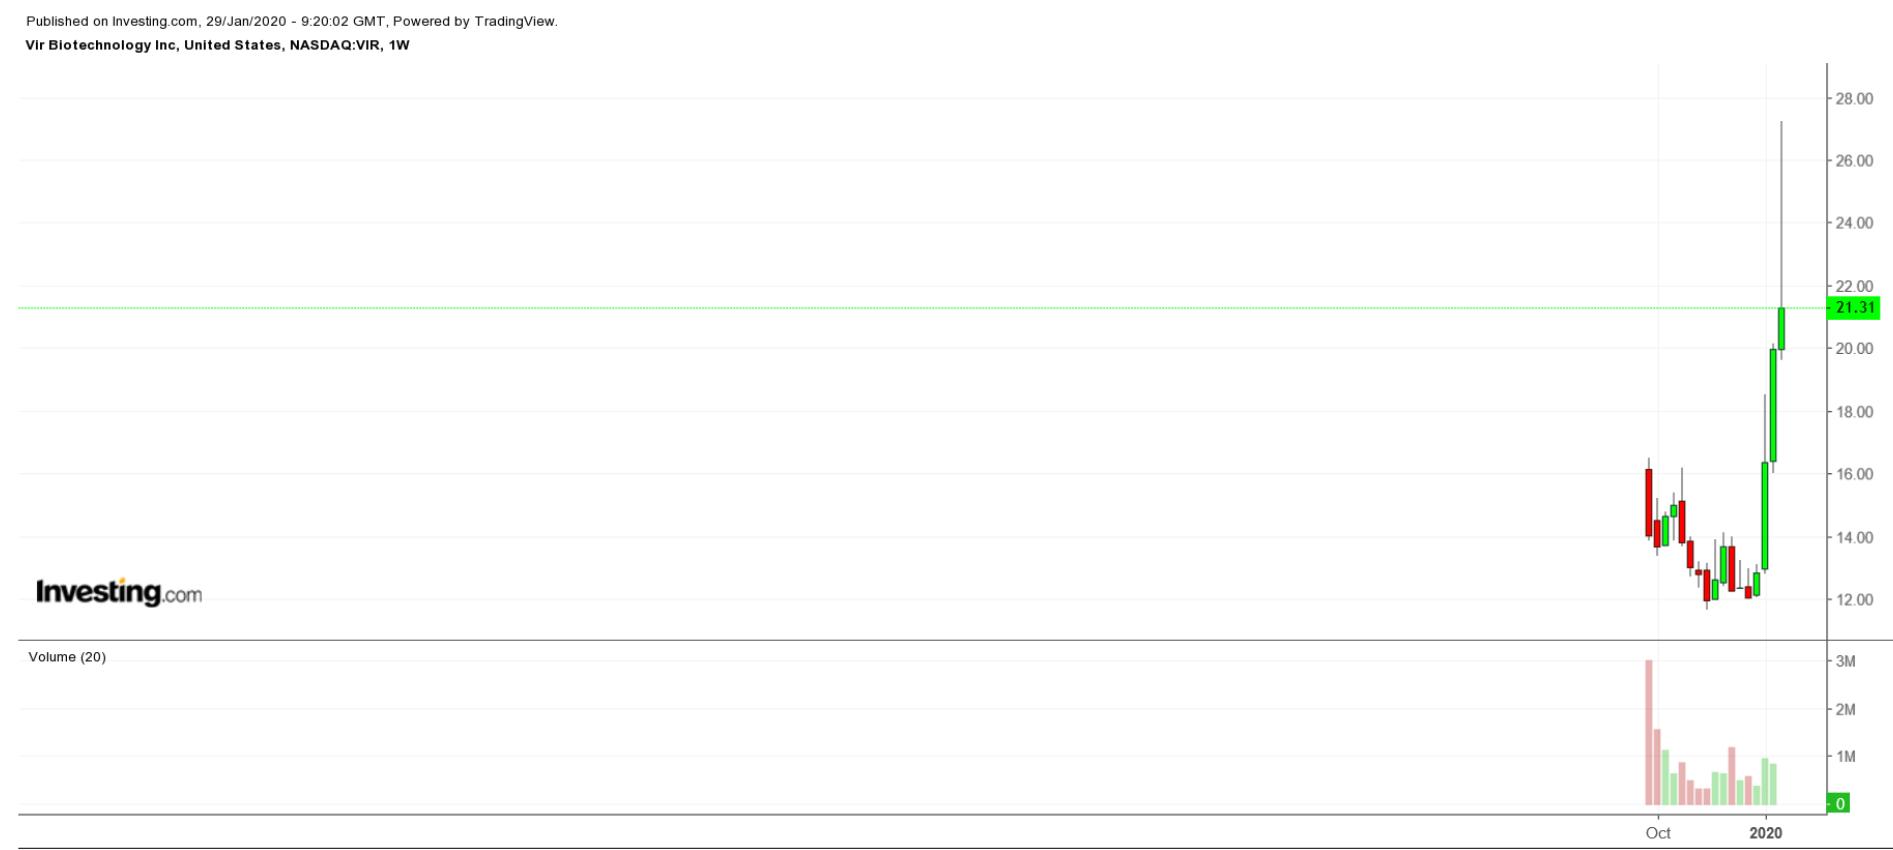 비르 바이오테크놀로지 주간 차트